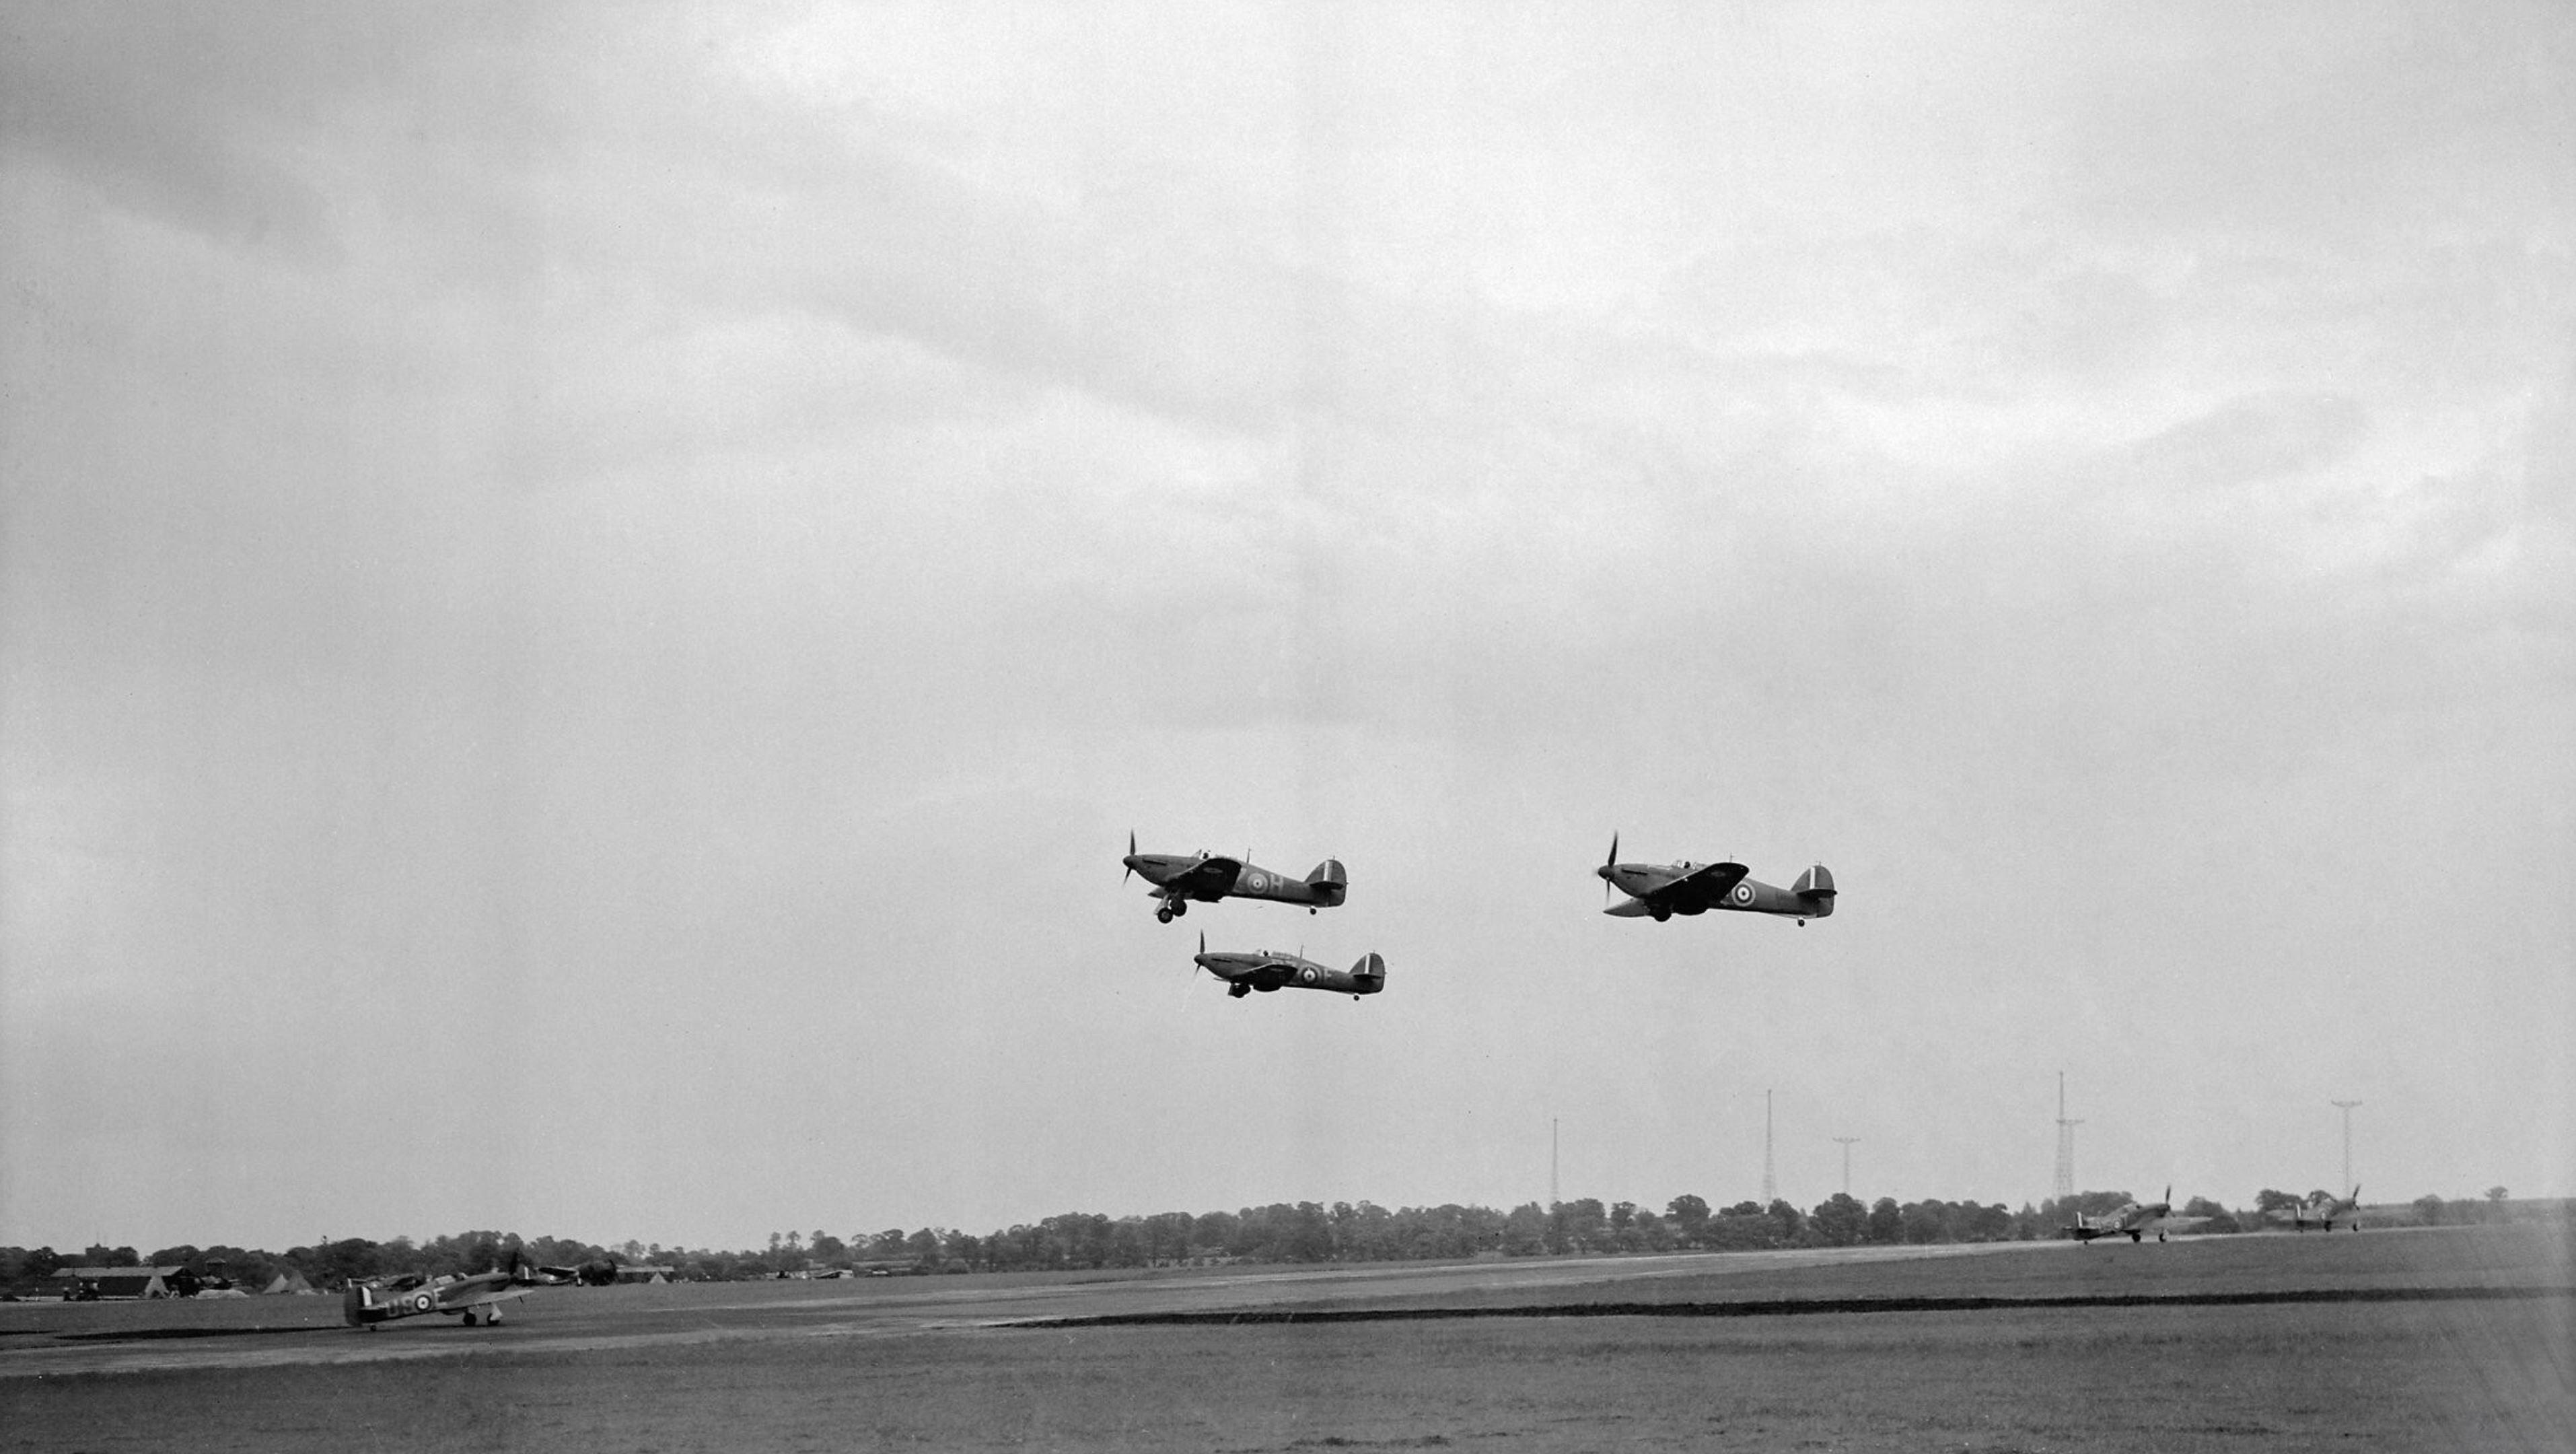 Hurricane Is RAF 151Sqn DZH DZE take off from North Weald Essex IWM CH162a